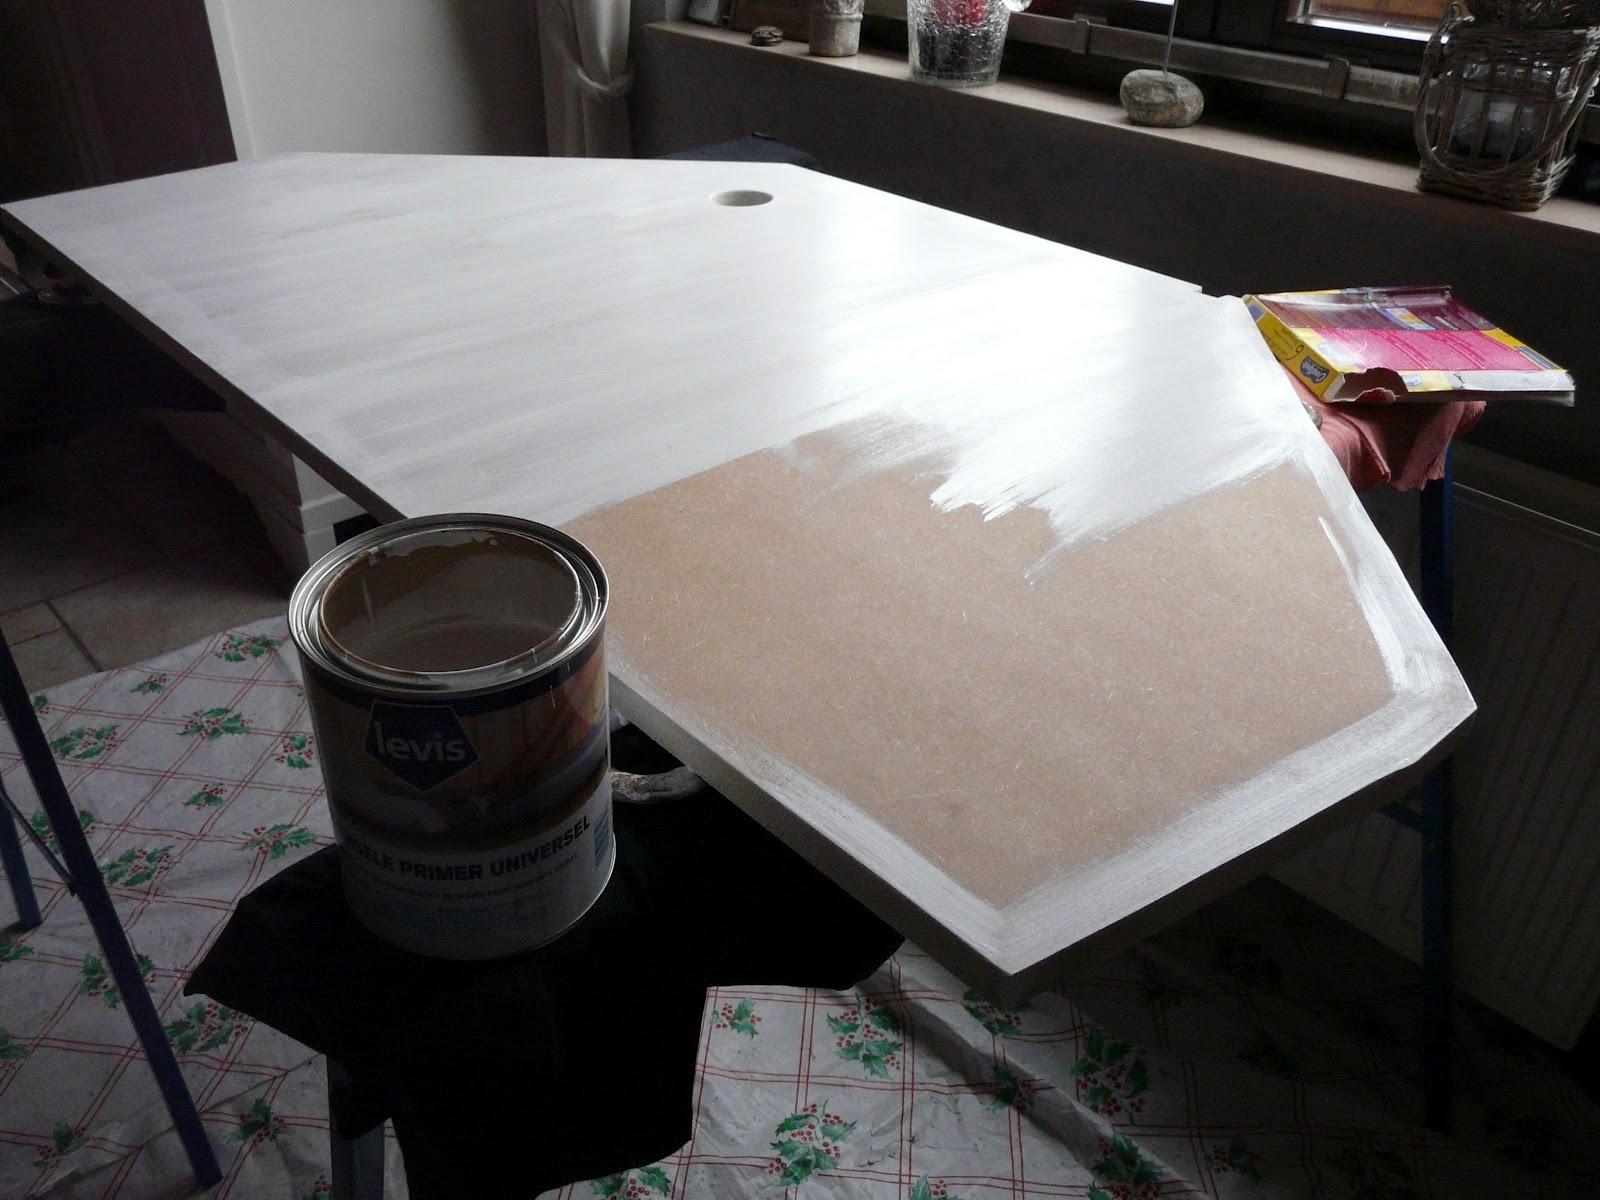 Mr peinture la table union jack - Peindre sur laque brillante ...